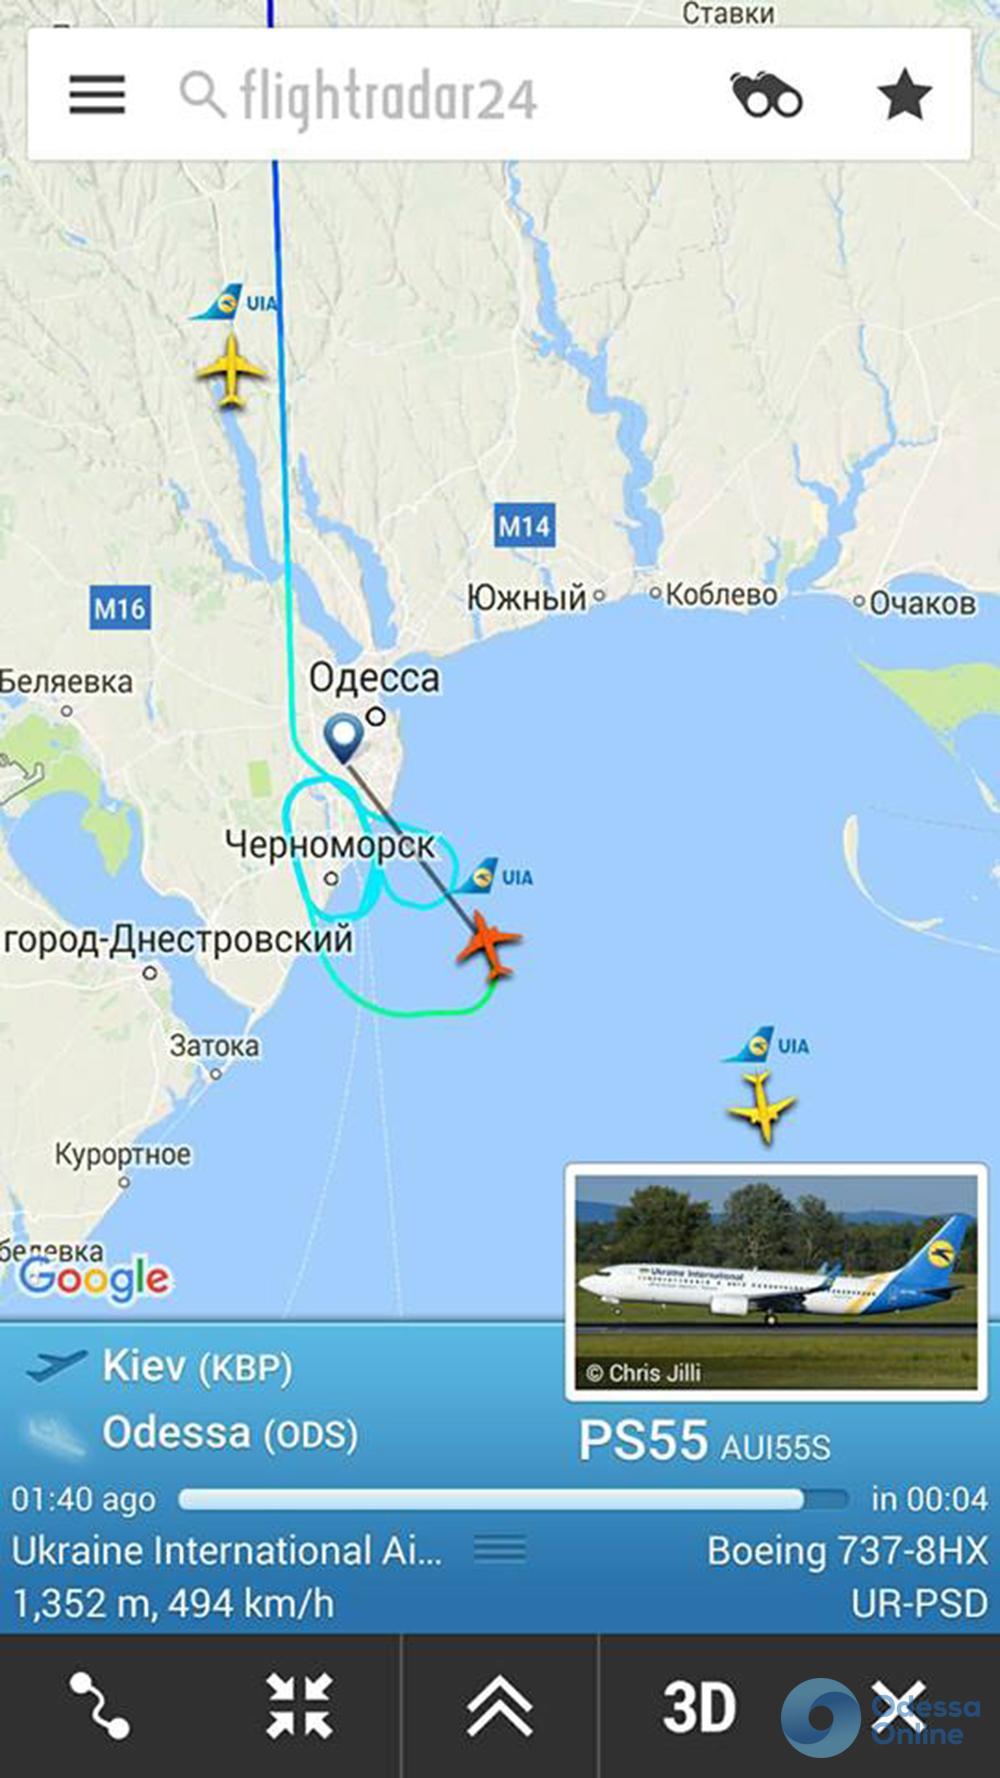 Непогода: два самолета не могут сесть в Одессе